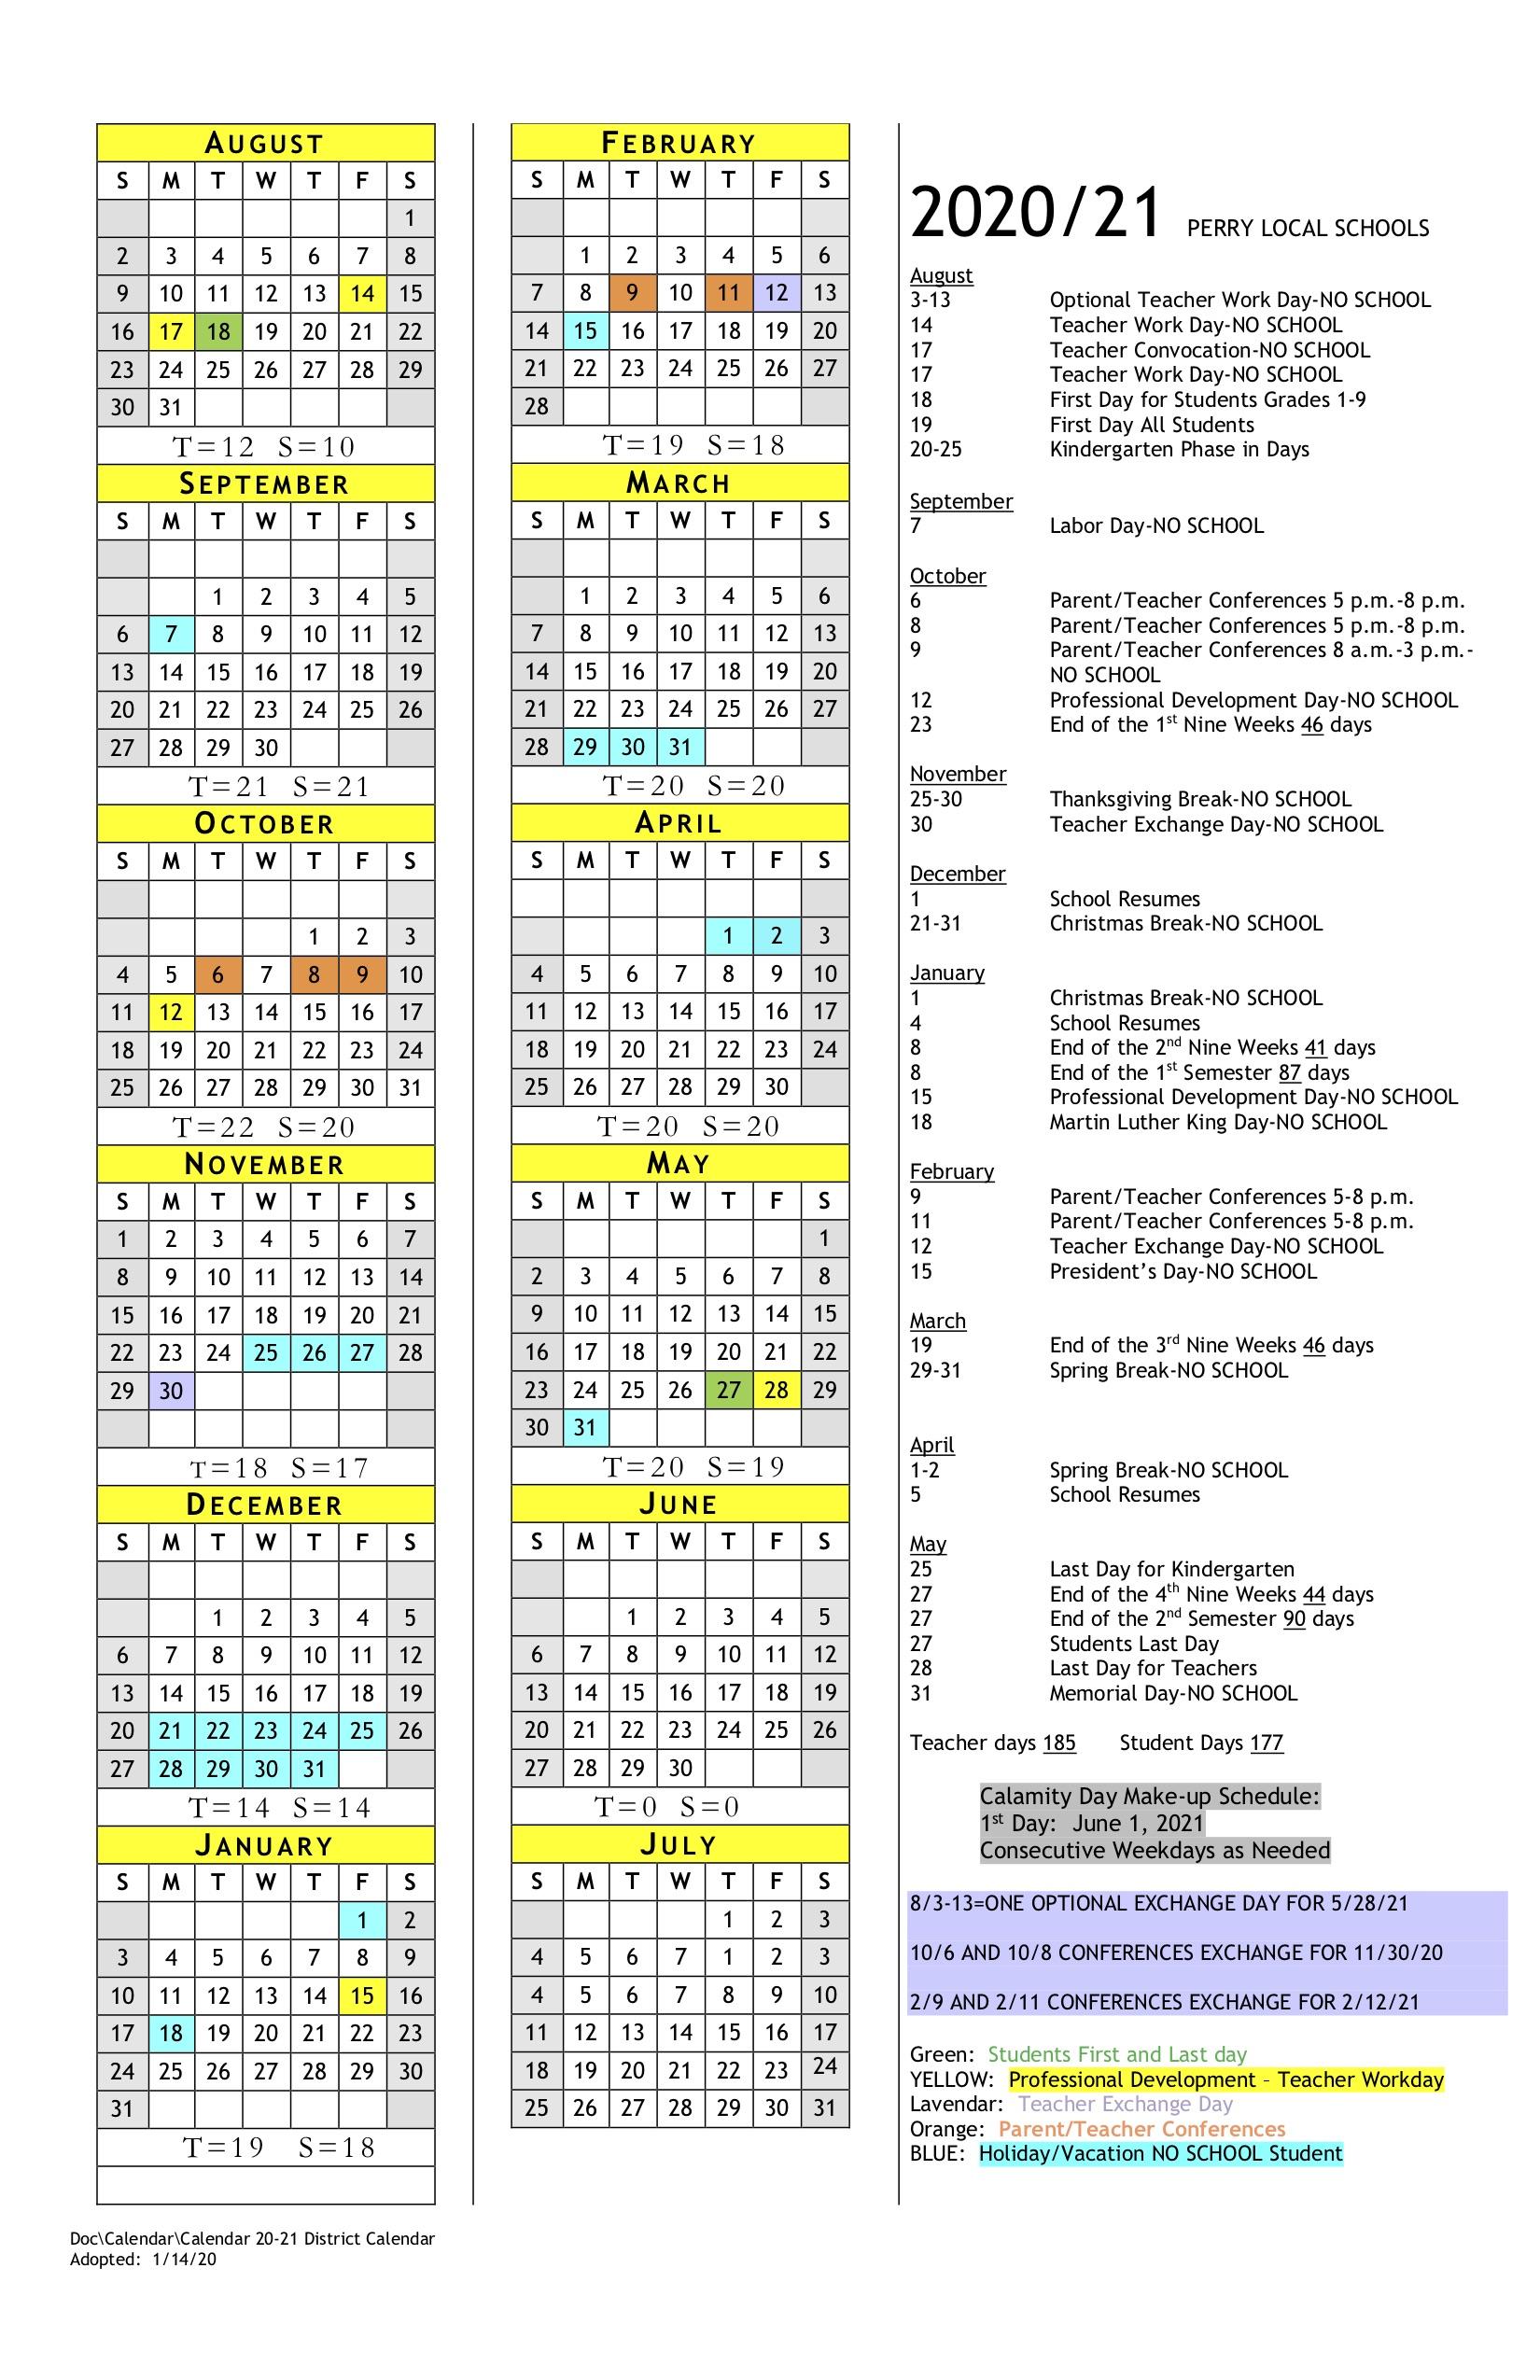 2020-2021 School Year District Calendar - Perry Athletics regarding Ohio County Schools Calendar 2020-2021 Wheeling